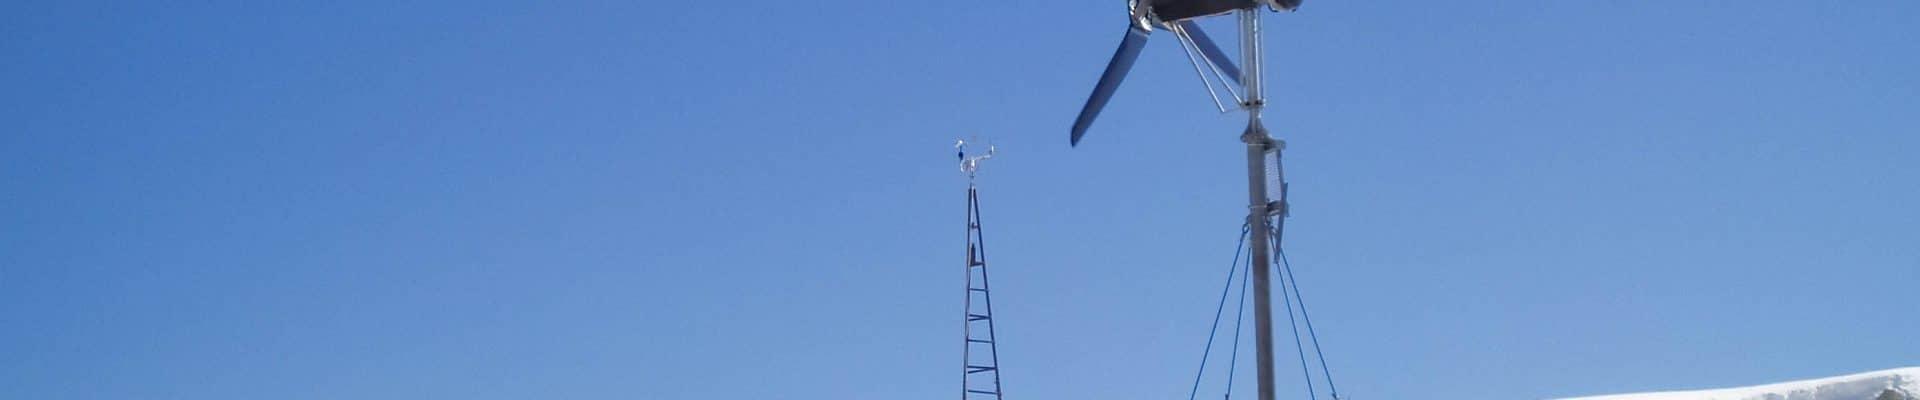 A small wind turbine in a remote location.